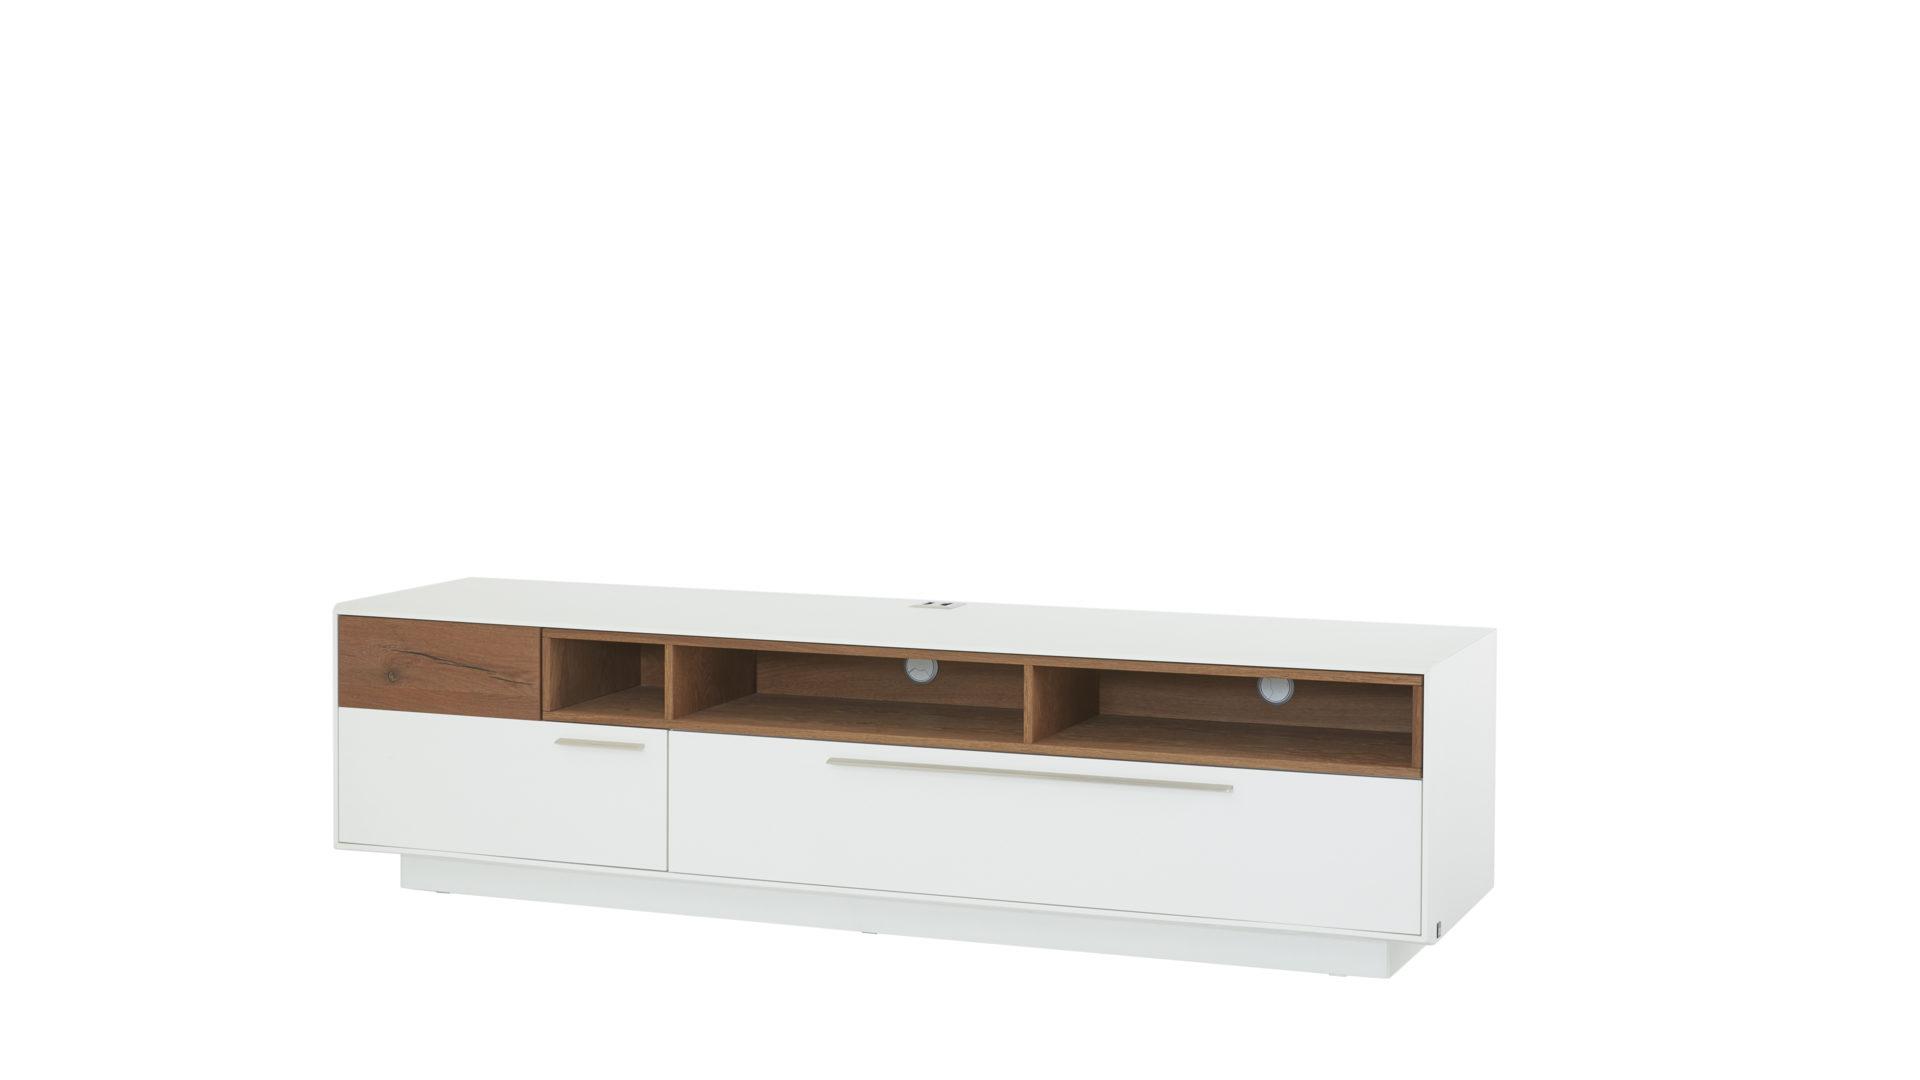 lowboard die hausmarke il aus holz in holzfarben interliving wohnzimmer serie 2102 medienboard dunkles